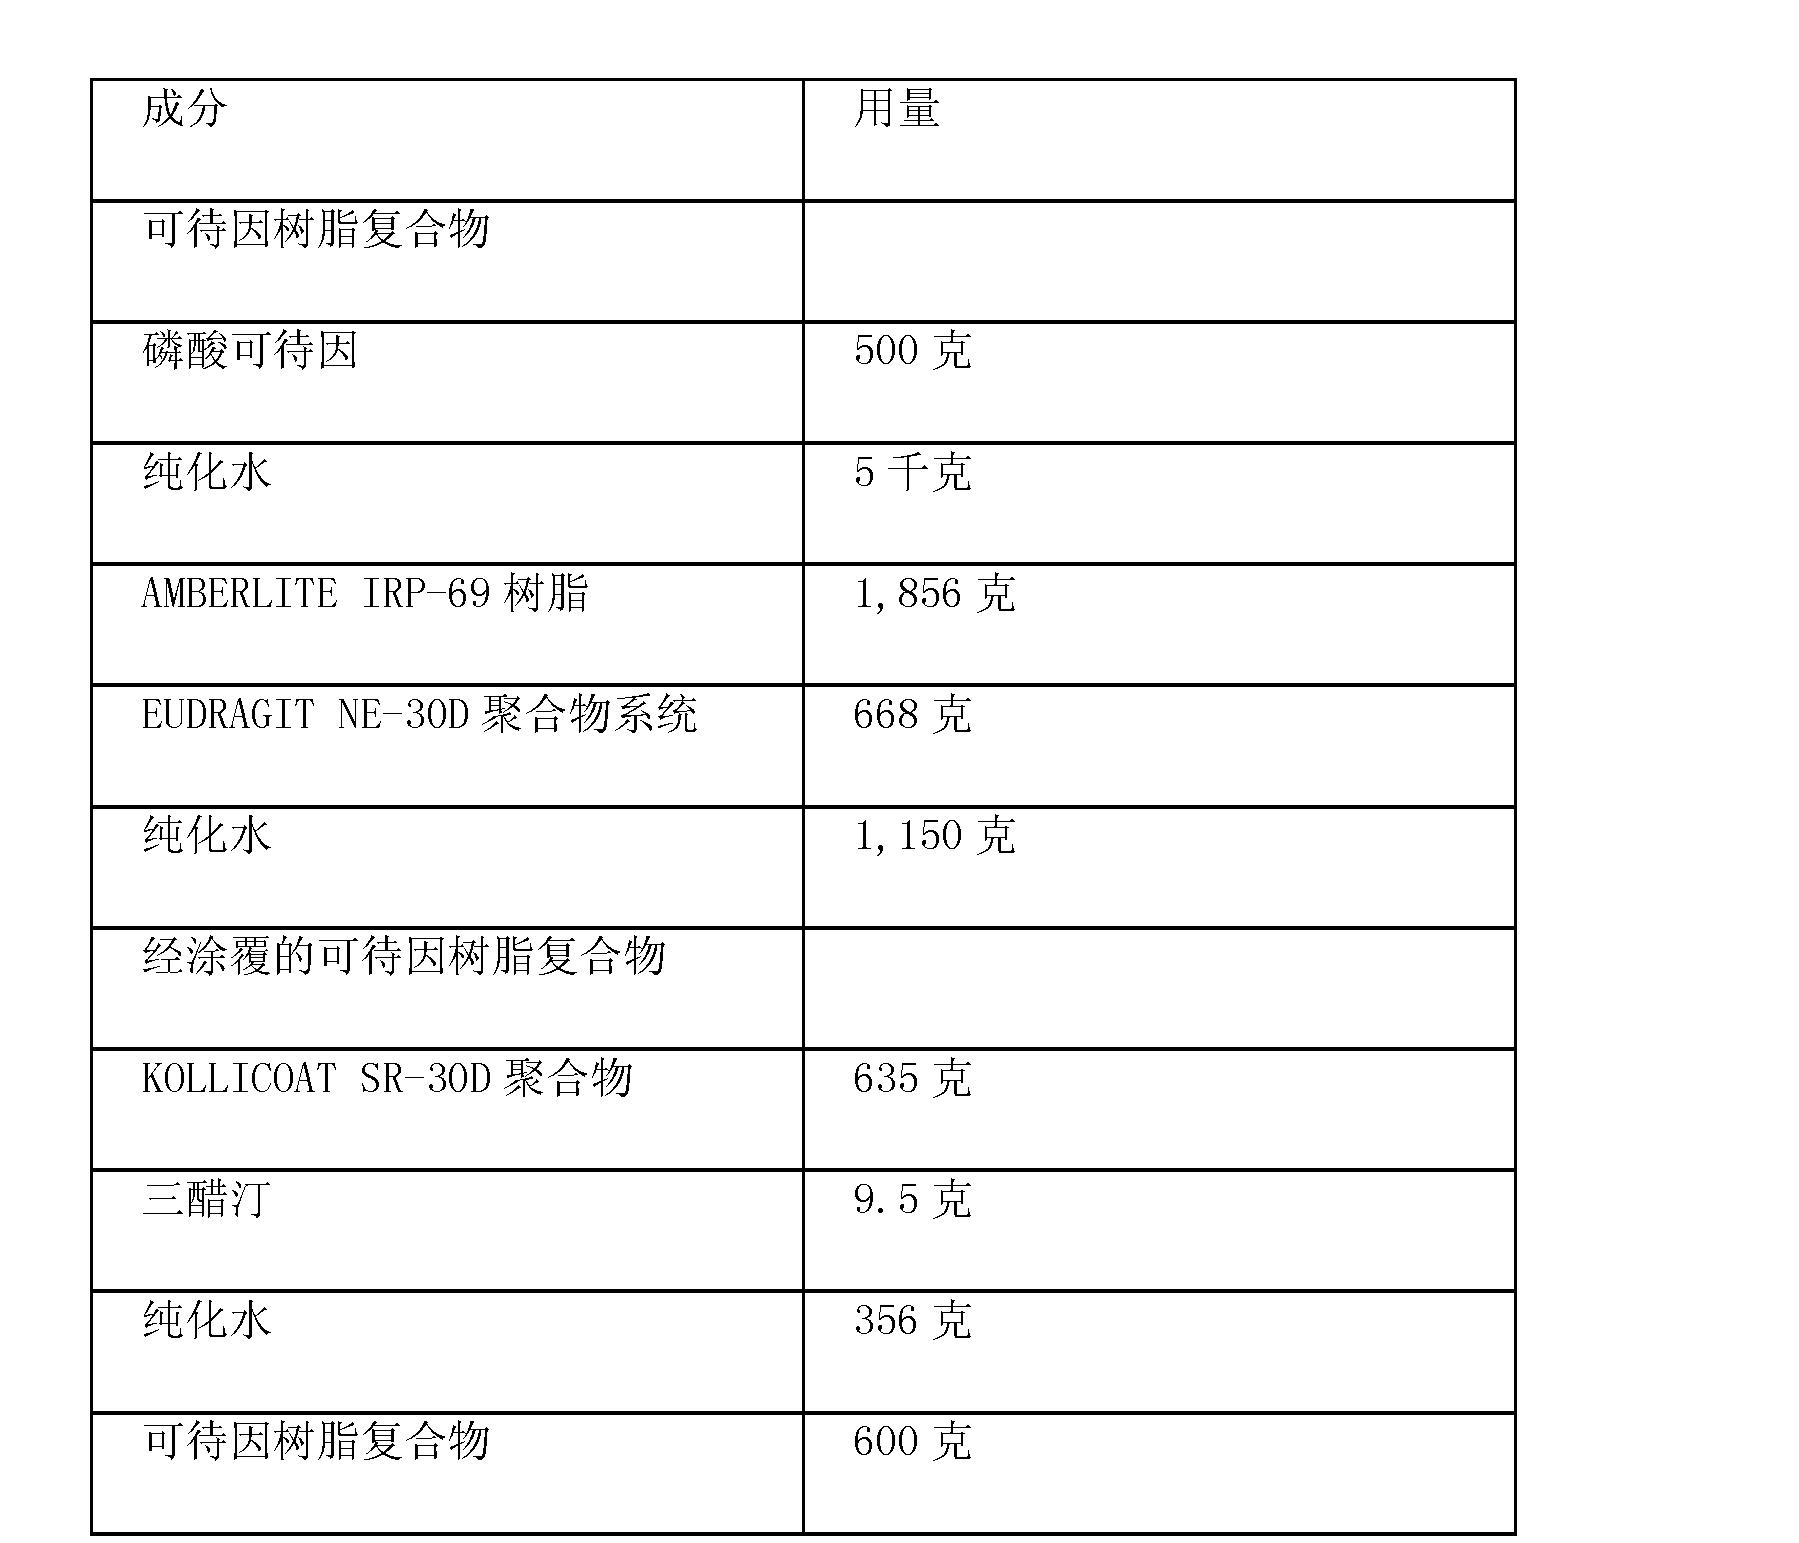 经涂覆的可待因树脂复合物的制备[0139]